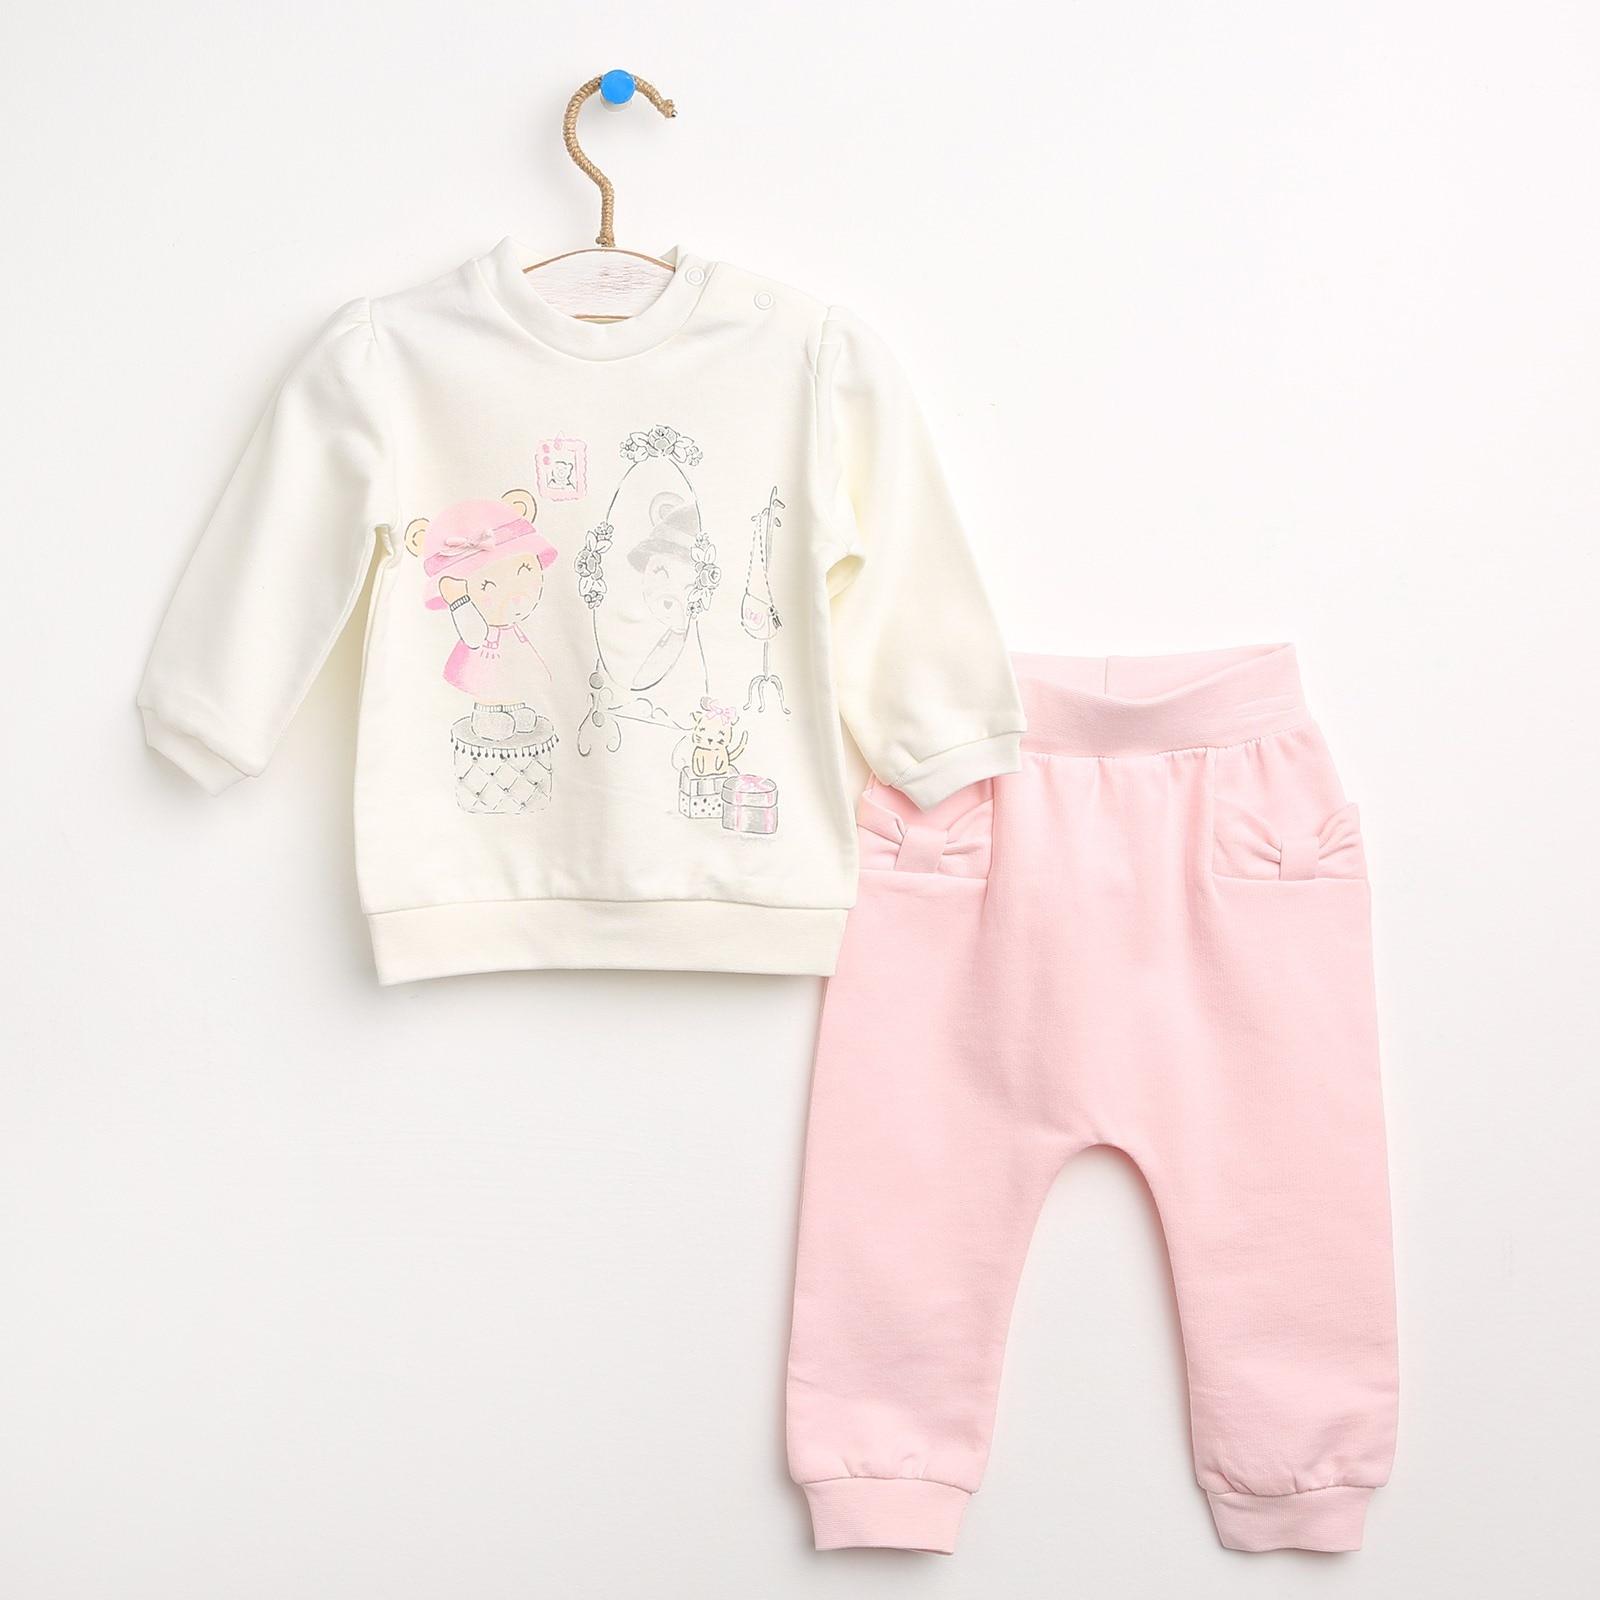 Ebebek HelloBaby Teddy Bär Baby Mädchen Sweatshirt Hosen Eingestellt